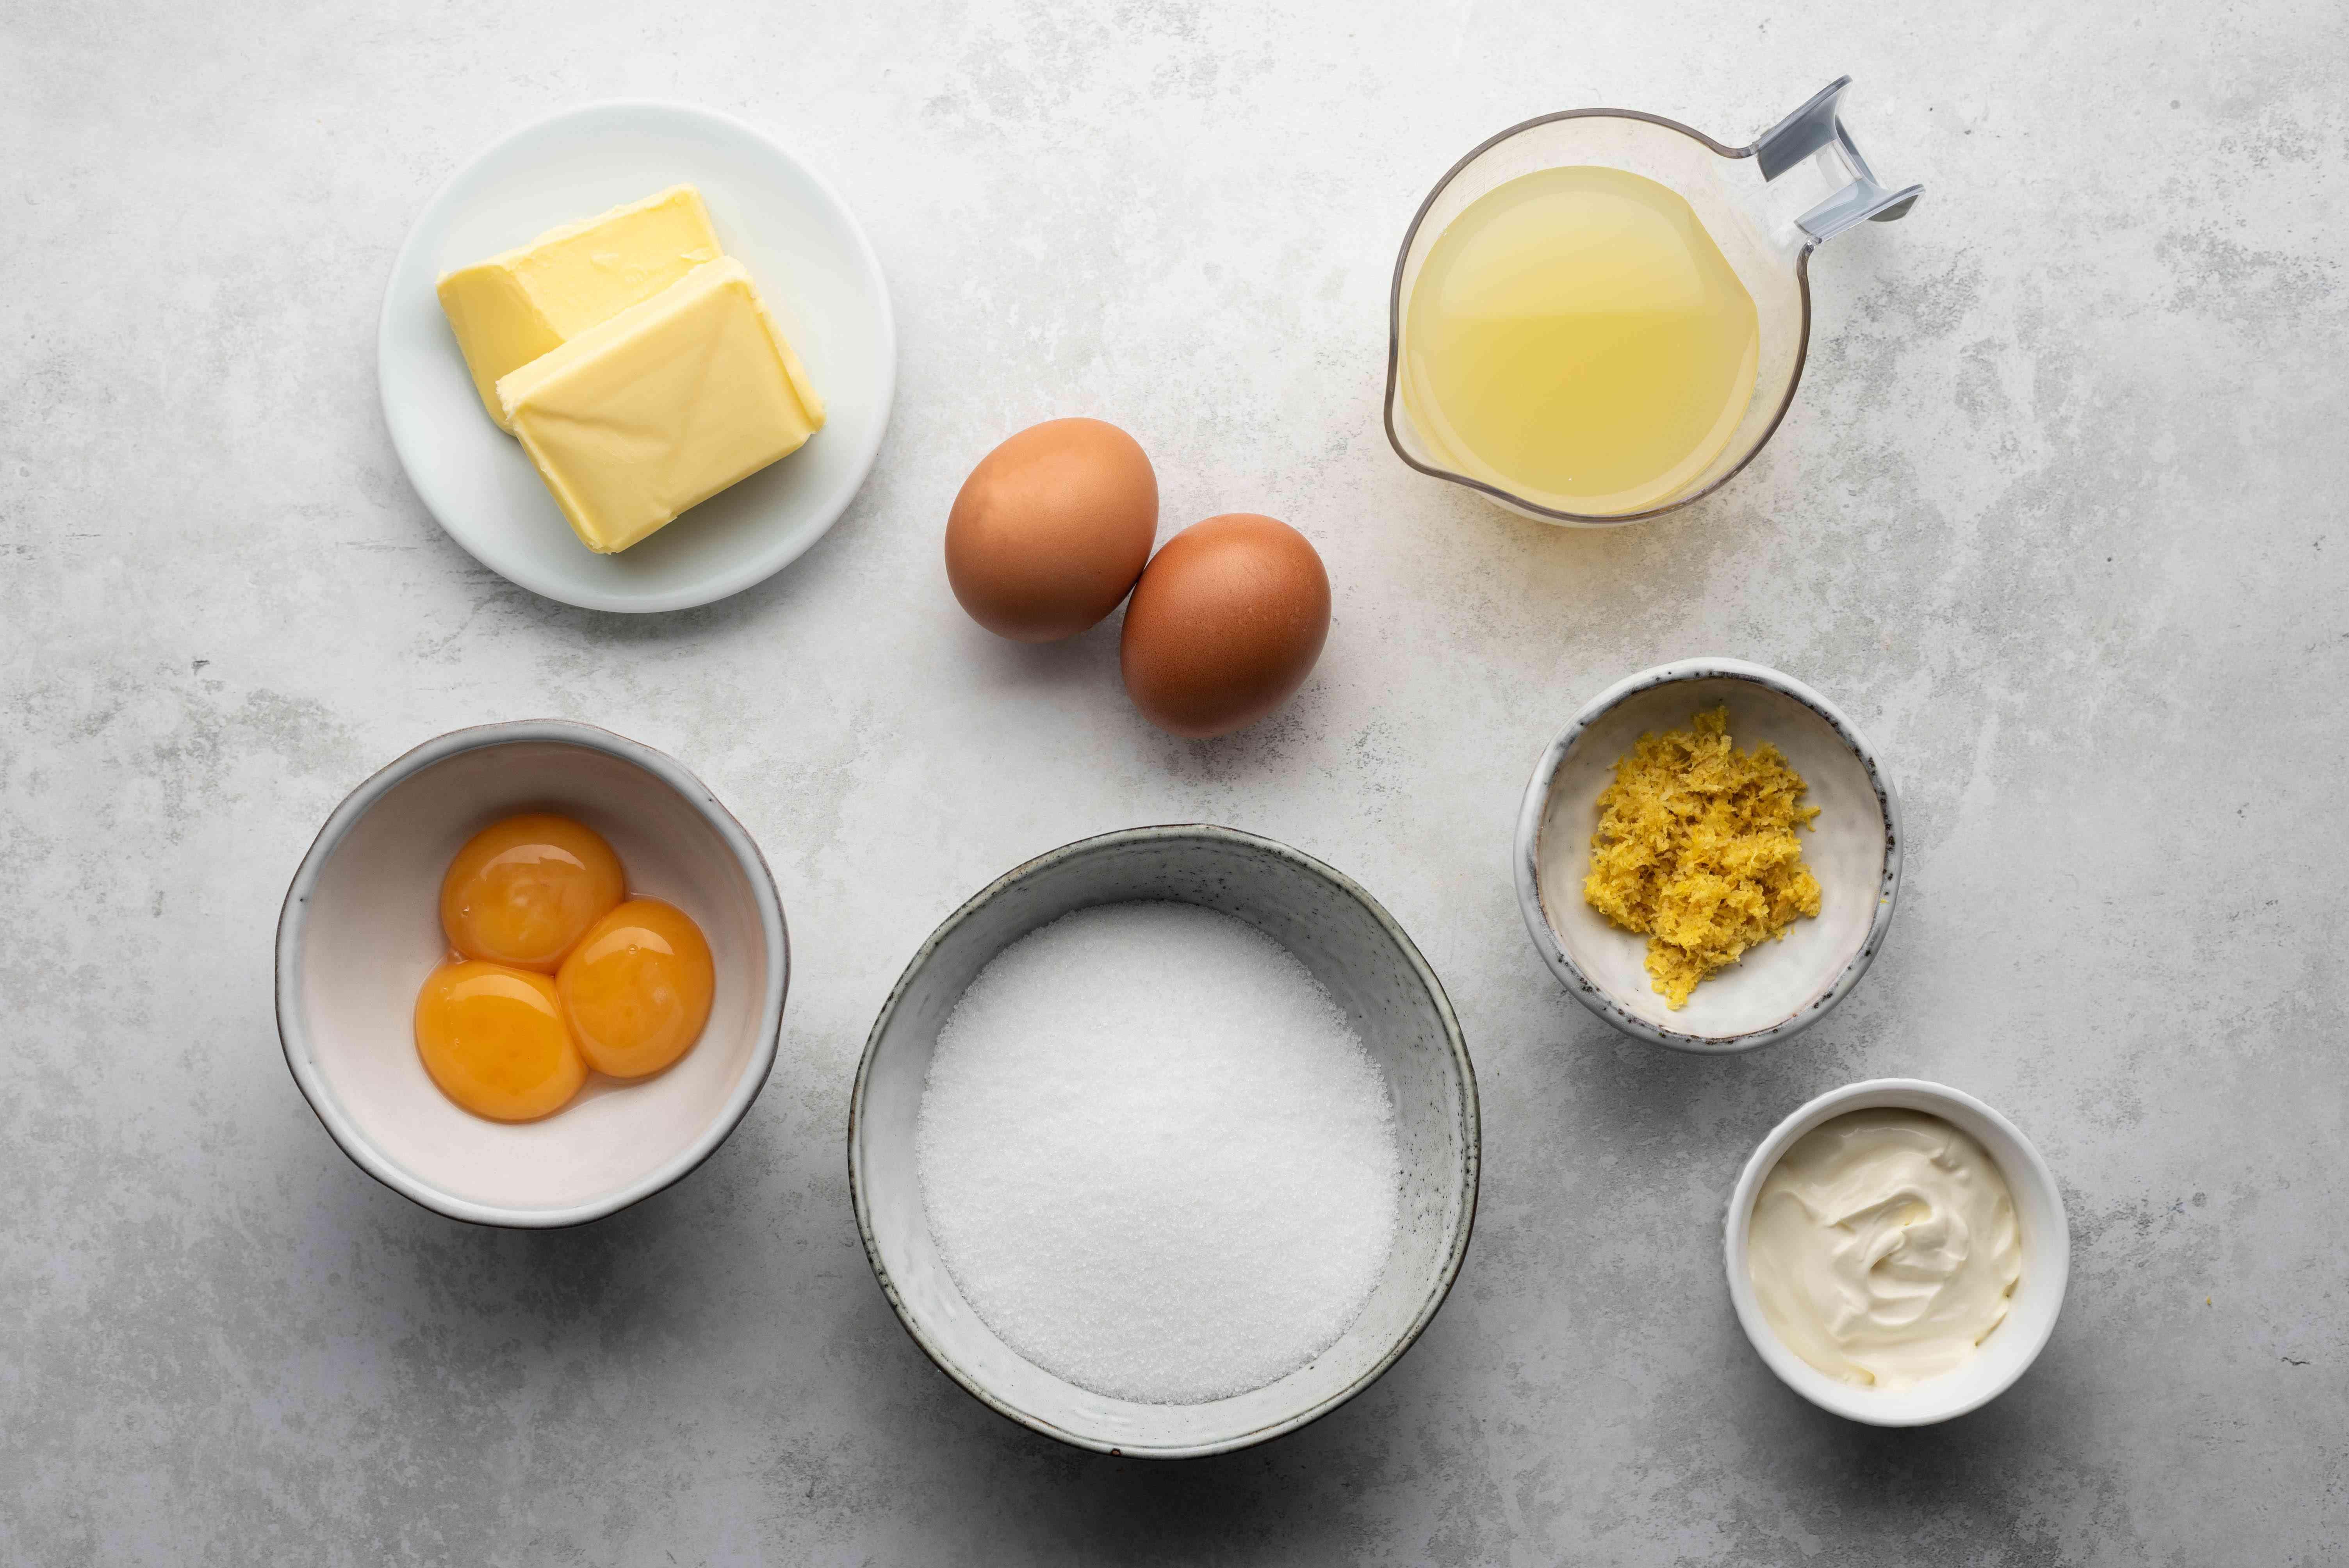 Lemon Tart recipe filling ingredients